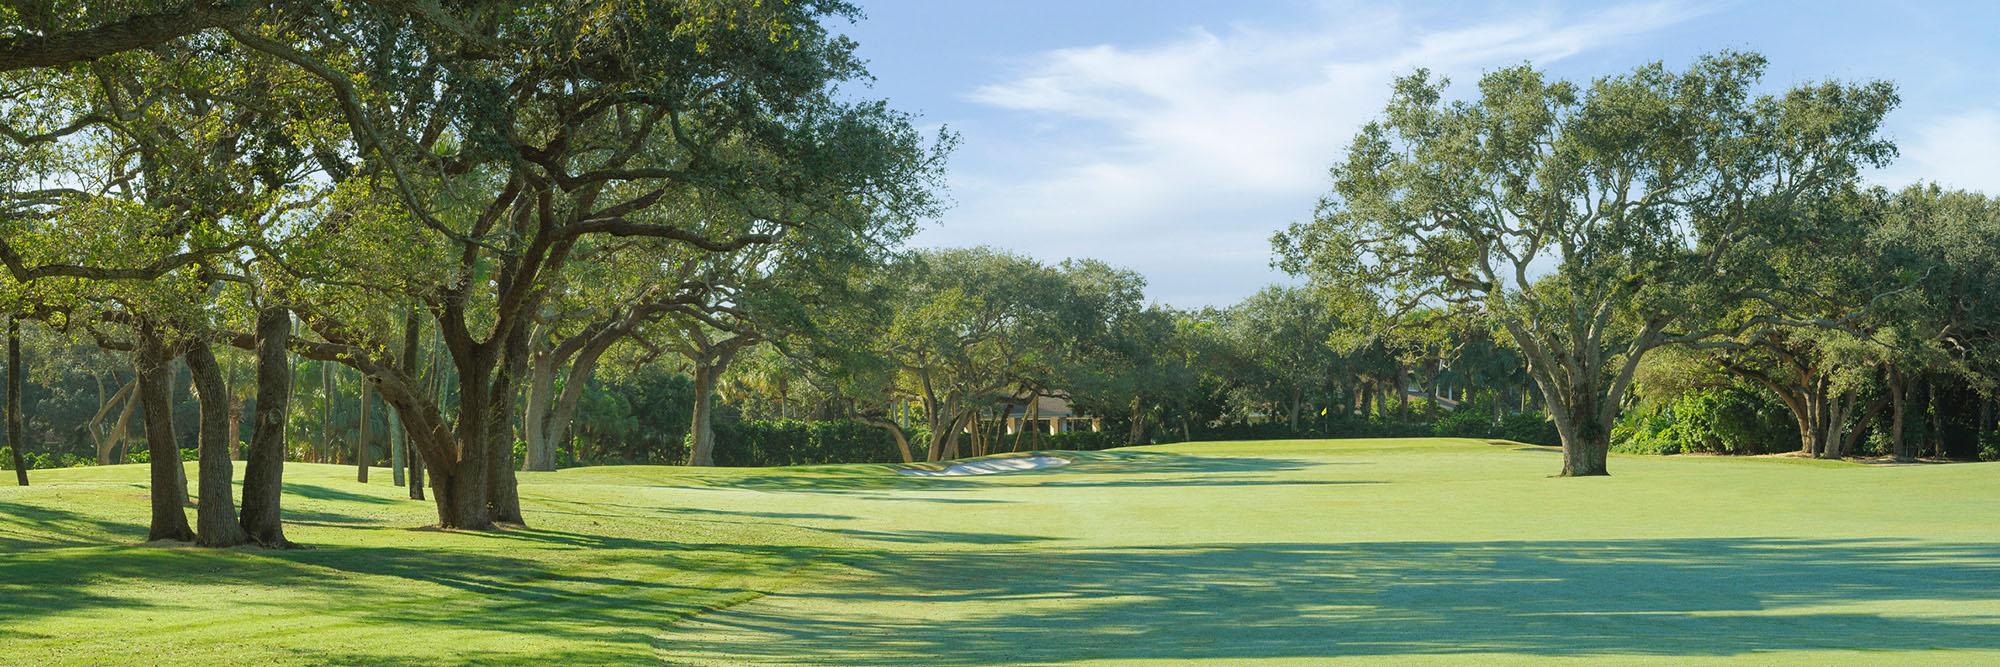 Golf Course Image - Riomar No. 15